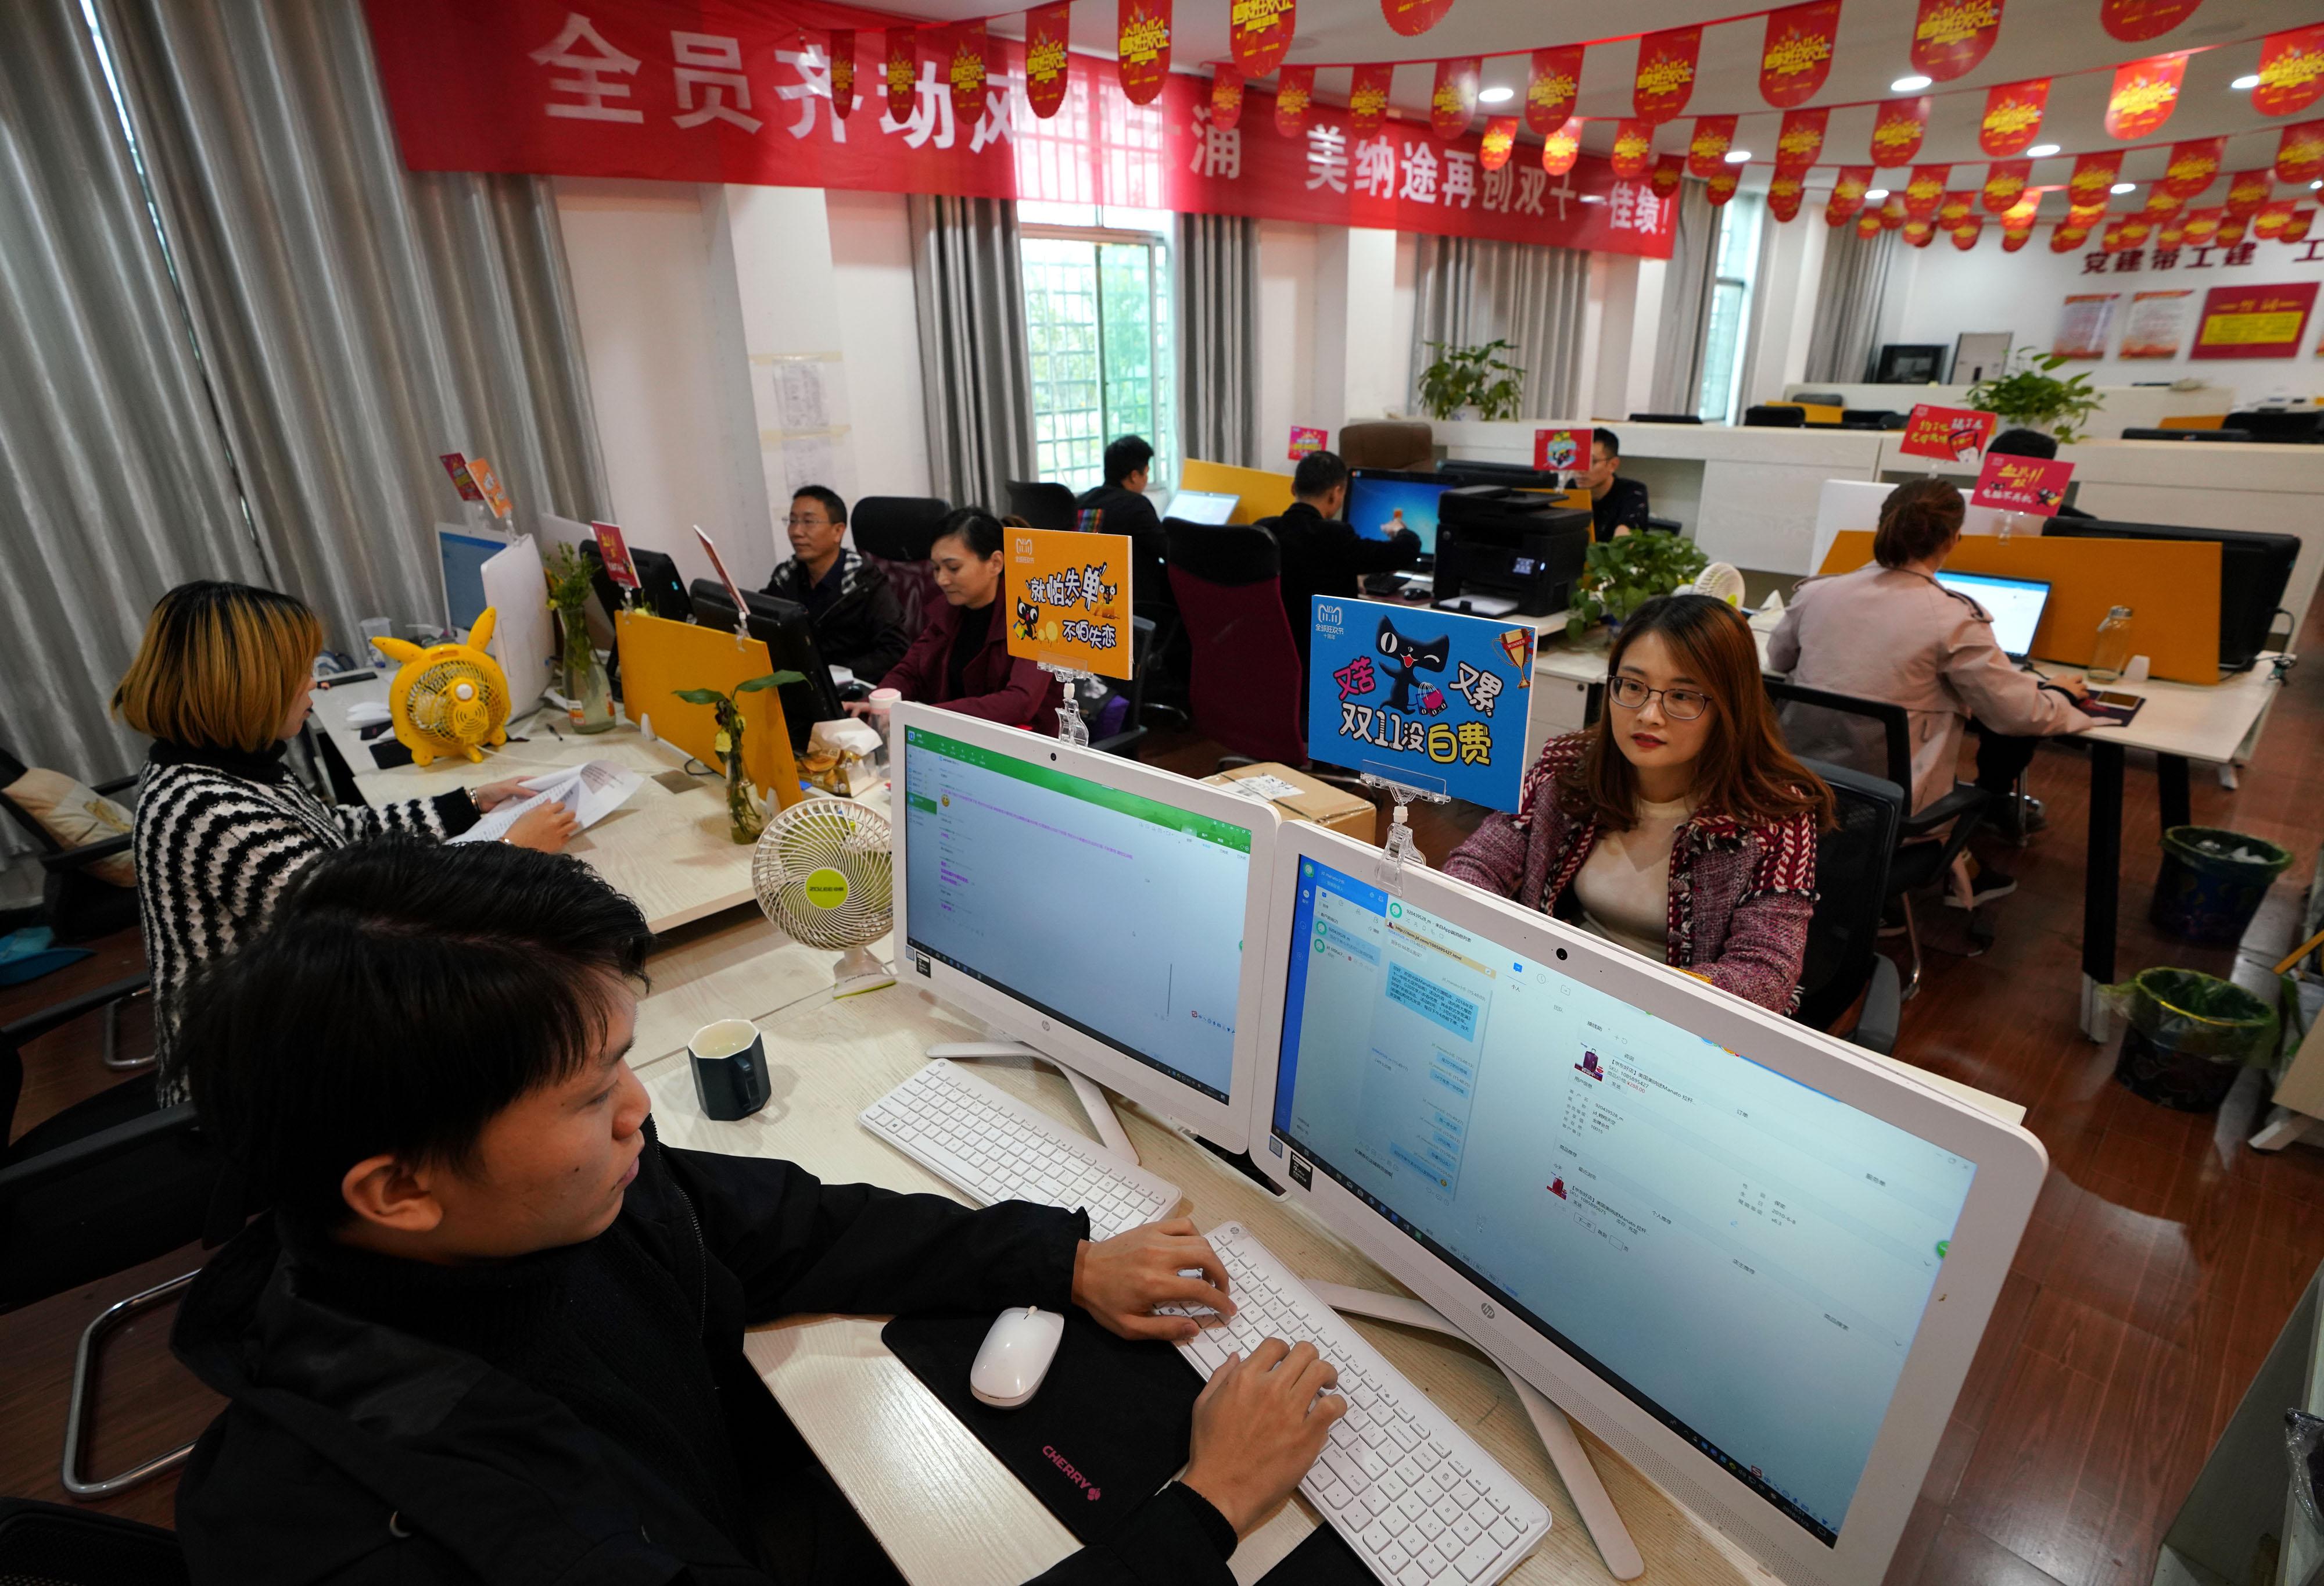 中国ネット消費の苦情件数、男性が女性の倍以上 民間報告書で明らかに